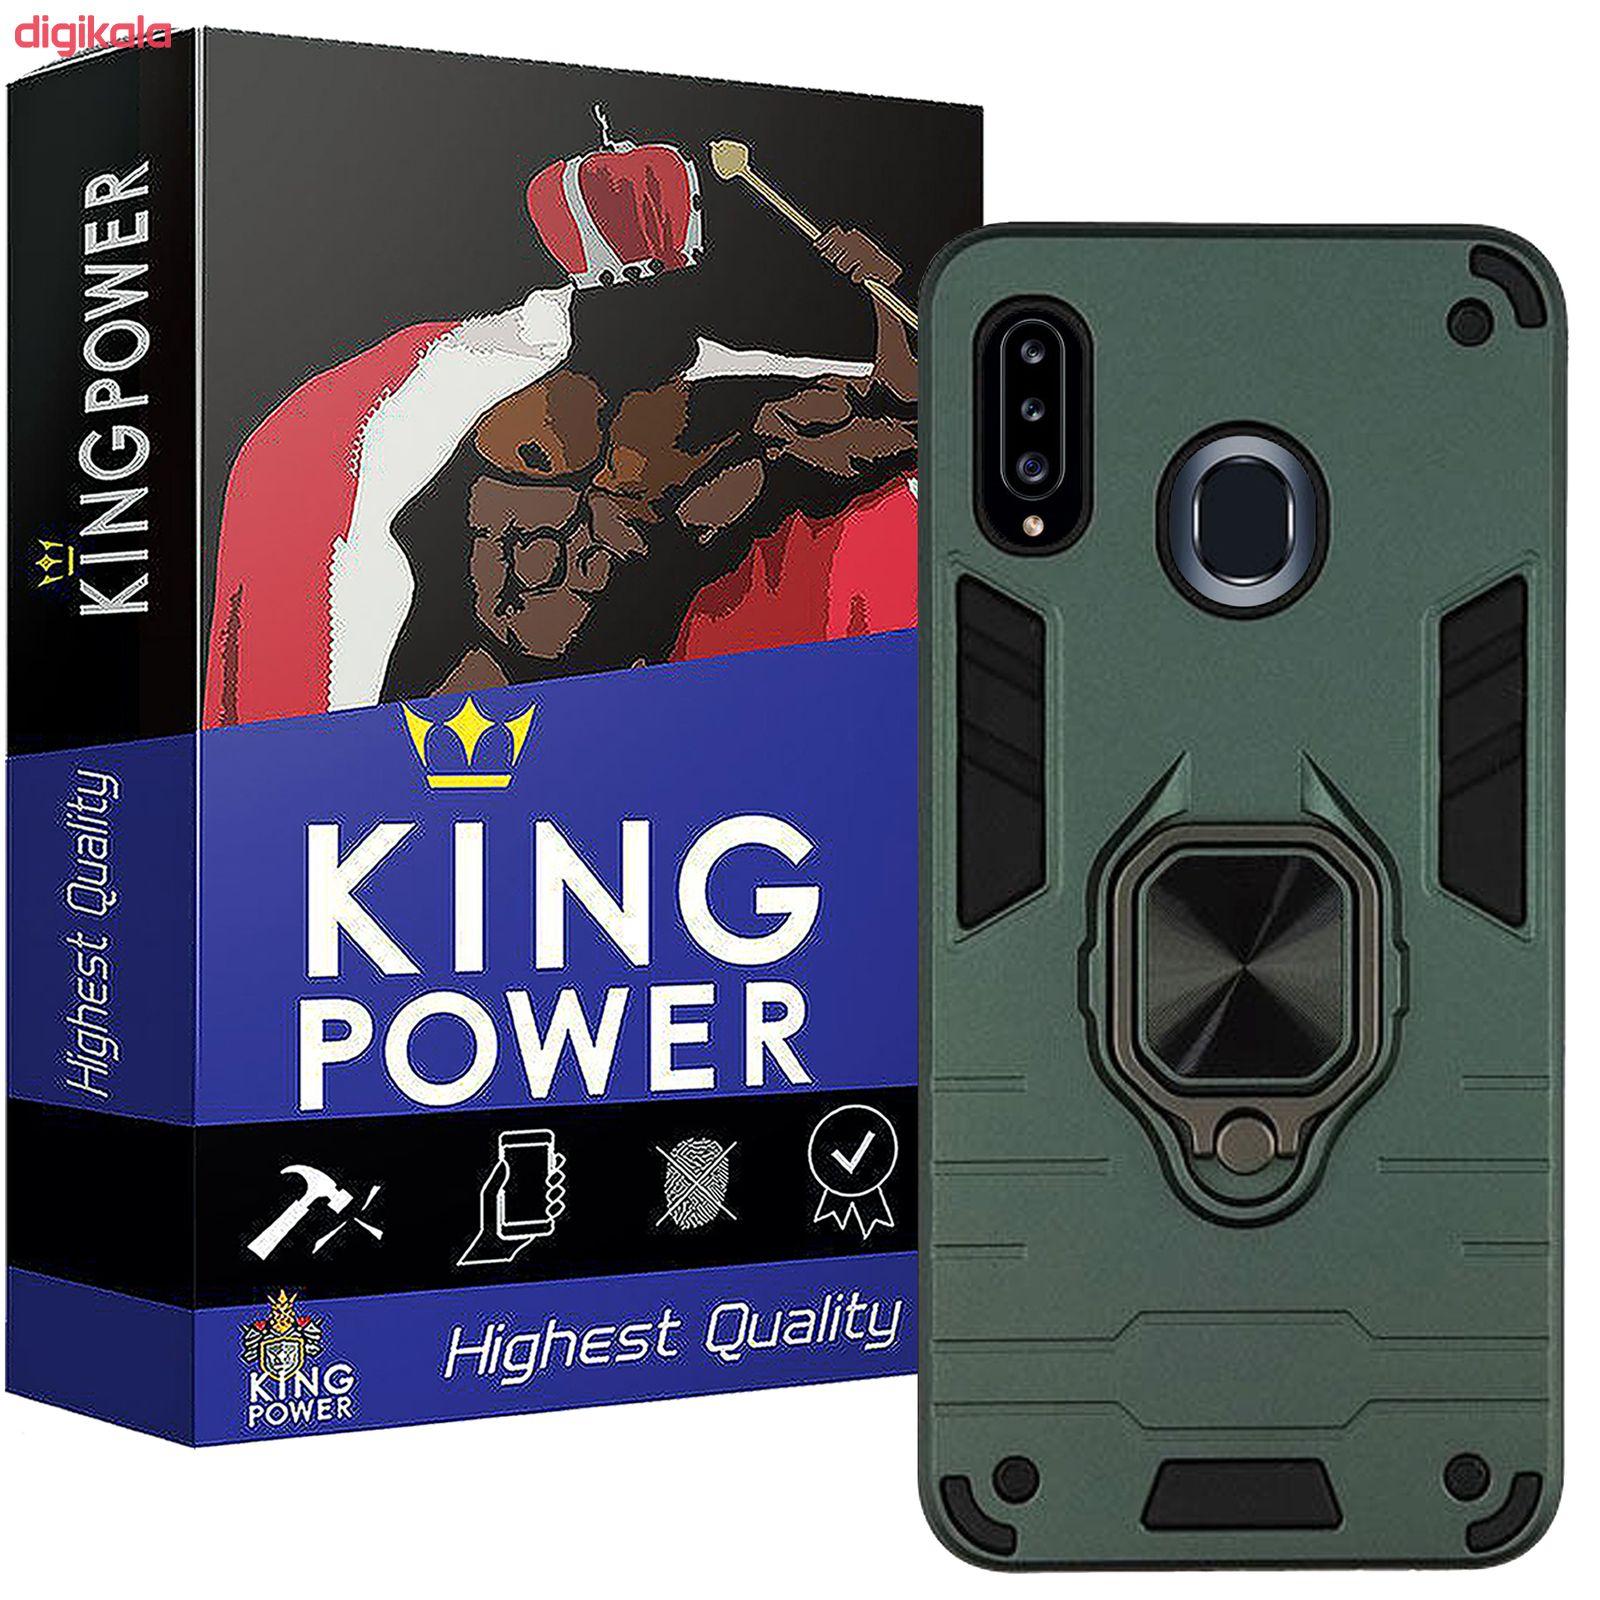 کاور کینگ پاور مدل ASH22 مناسب برای گوشی موبایل سامسونگ Galaxy A20s main 1 1